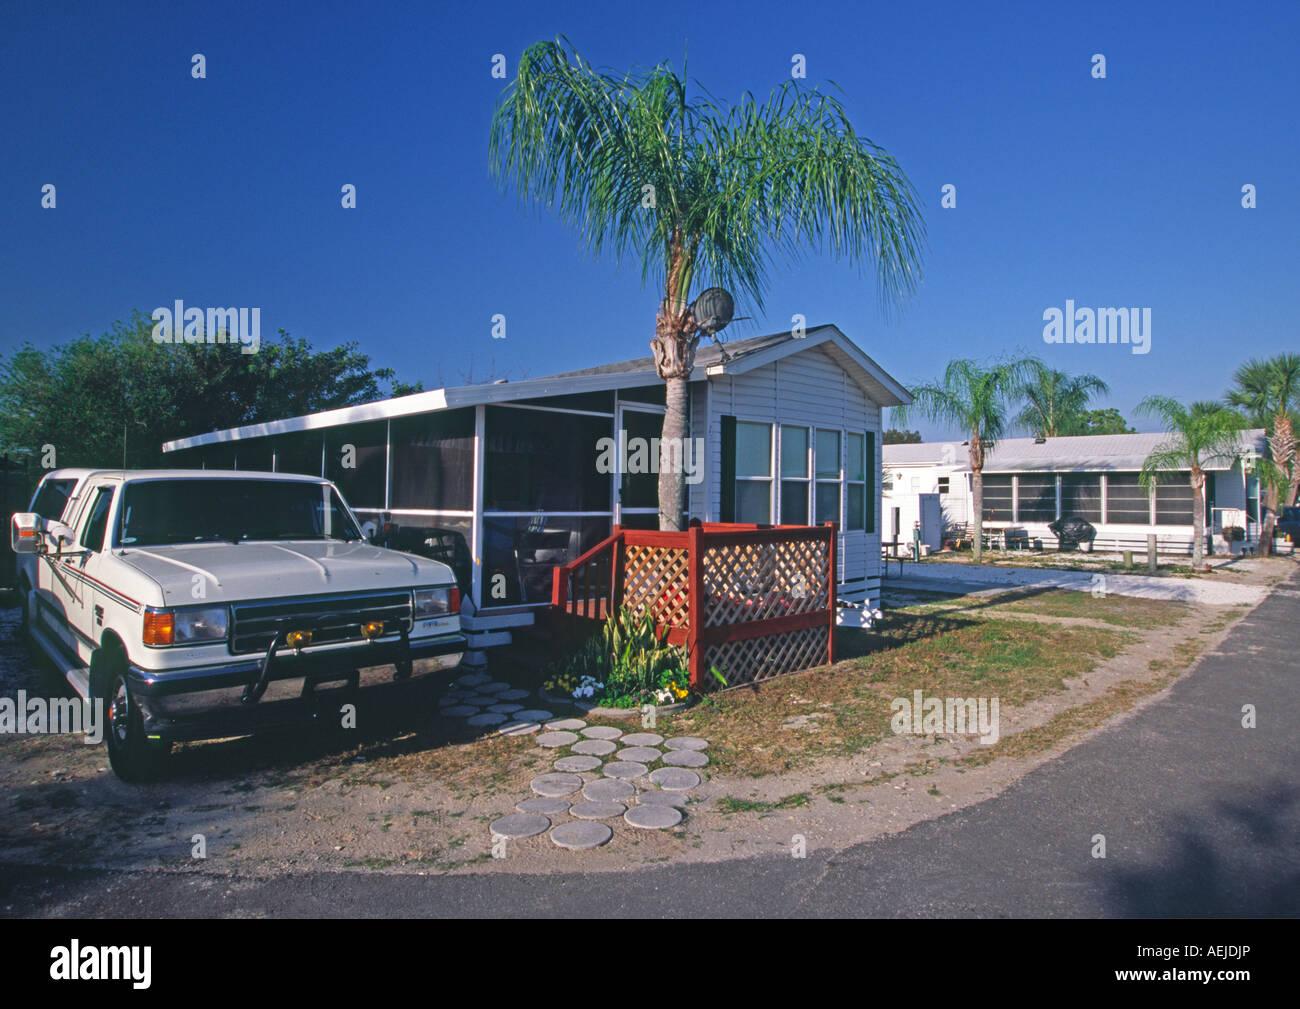 Mobile Home In A Trailer RV Park Florida USA Stock Photo